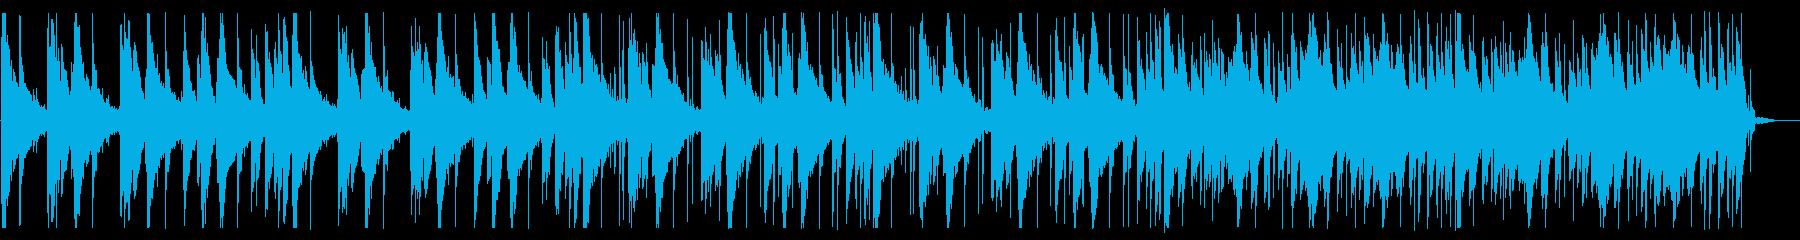 落ち着いたピコピコとしたBGM_2の再生済みの波形